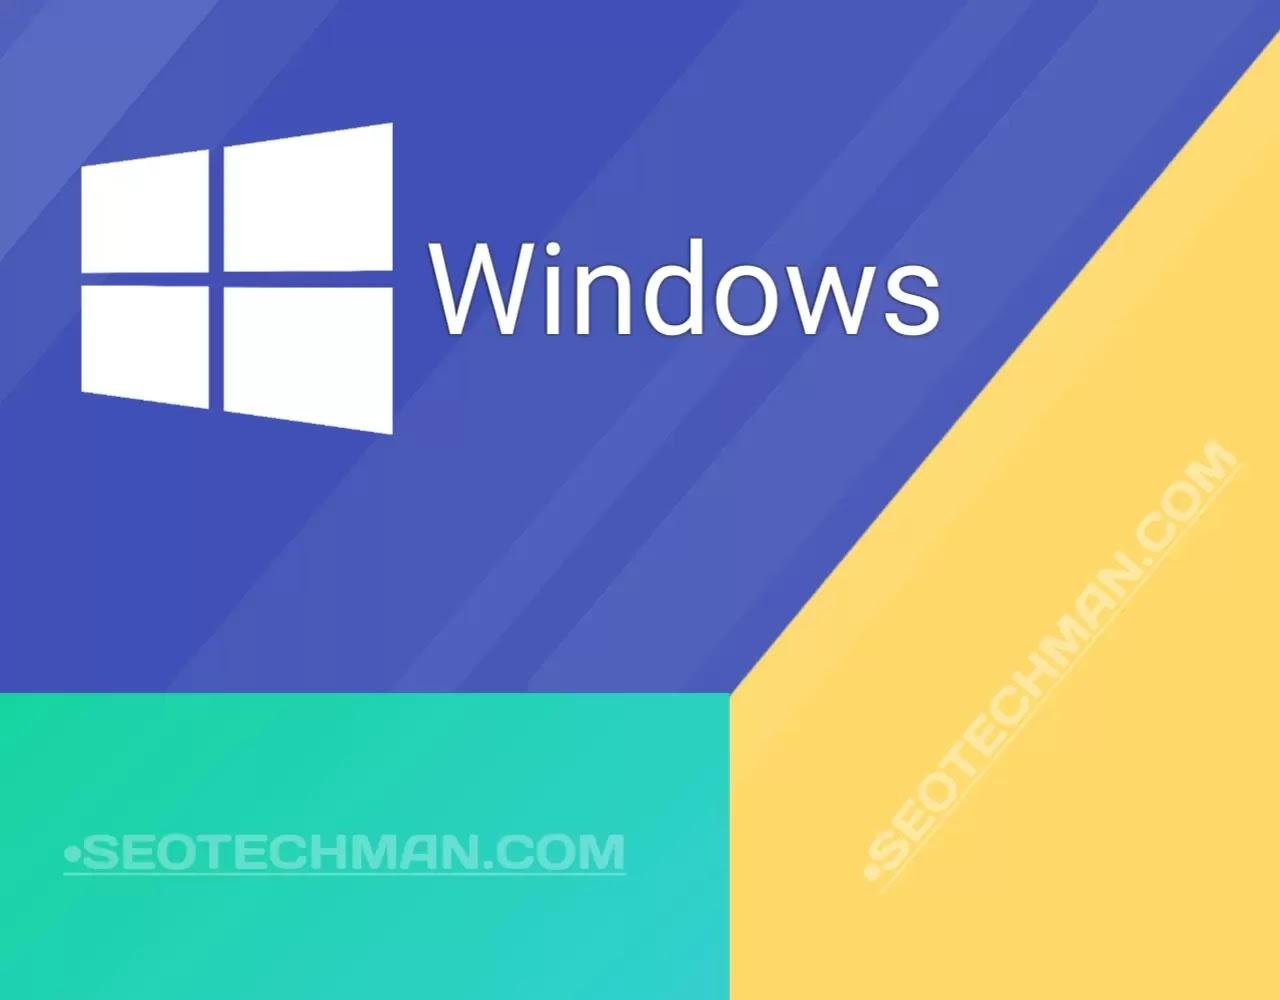 12 Alat Diagnostik Windows Terbaik Untuk Memeriksa Kesehatan Pc Anda